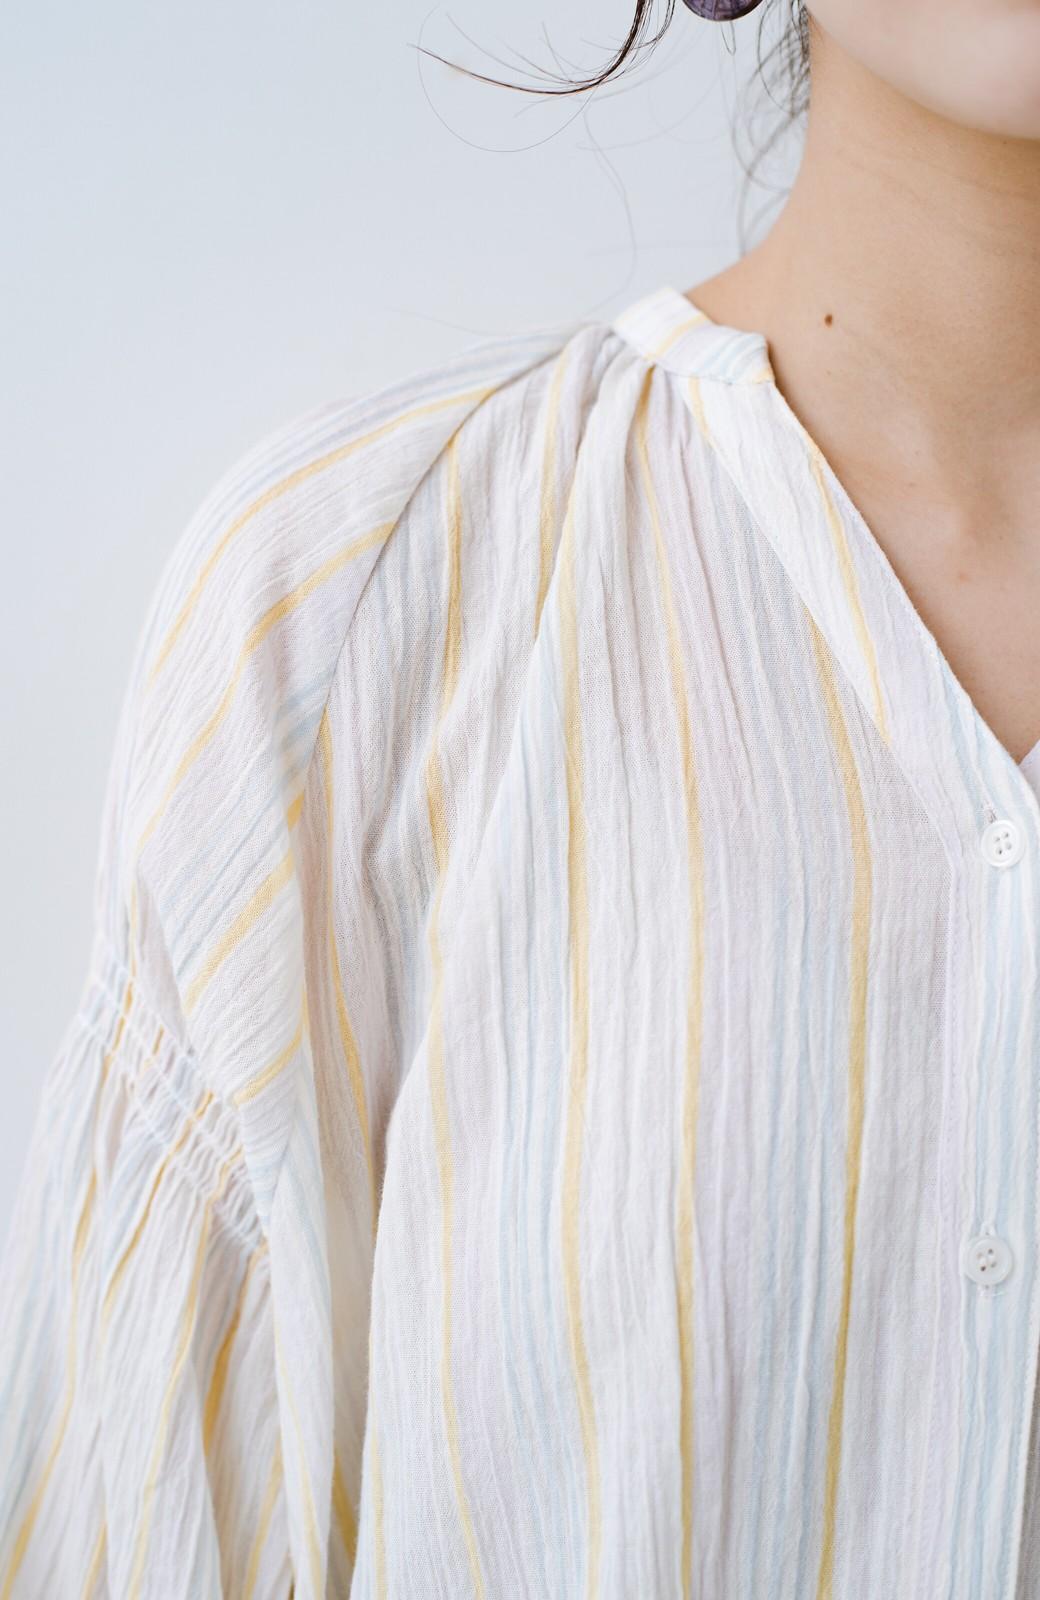 haco! haco! 時間のない朝でも気分の上がる コーデがパッと完成する 羽織にもなるやわらか楊柳素材のストライプワンピース <ホワイト×イエロー>の商品写真9